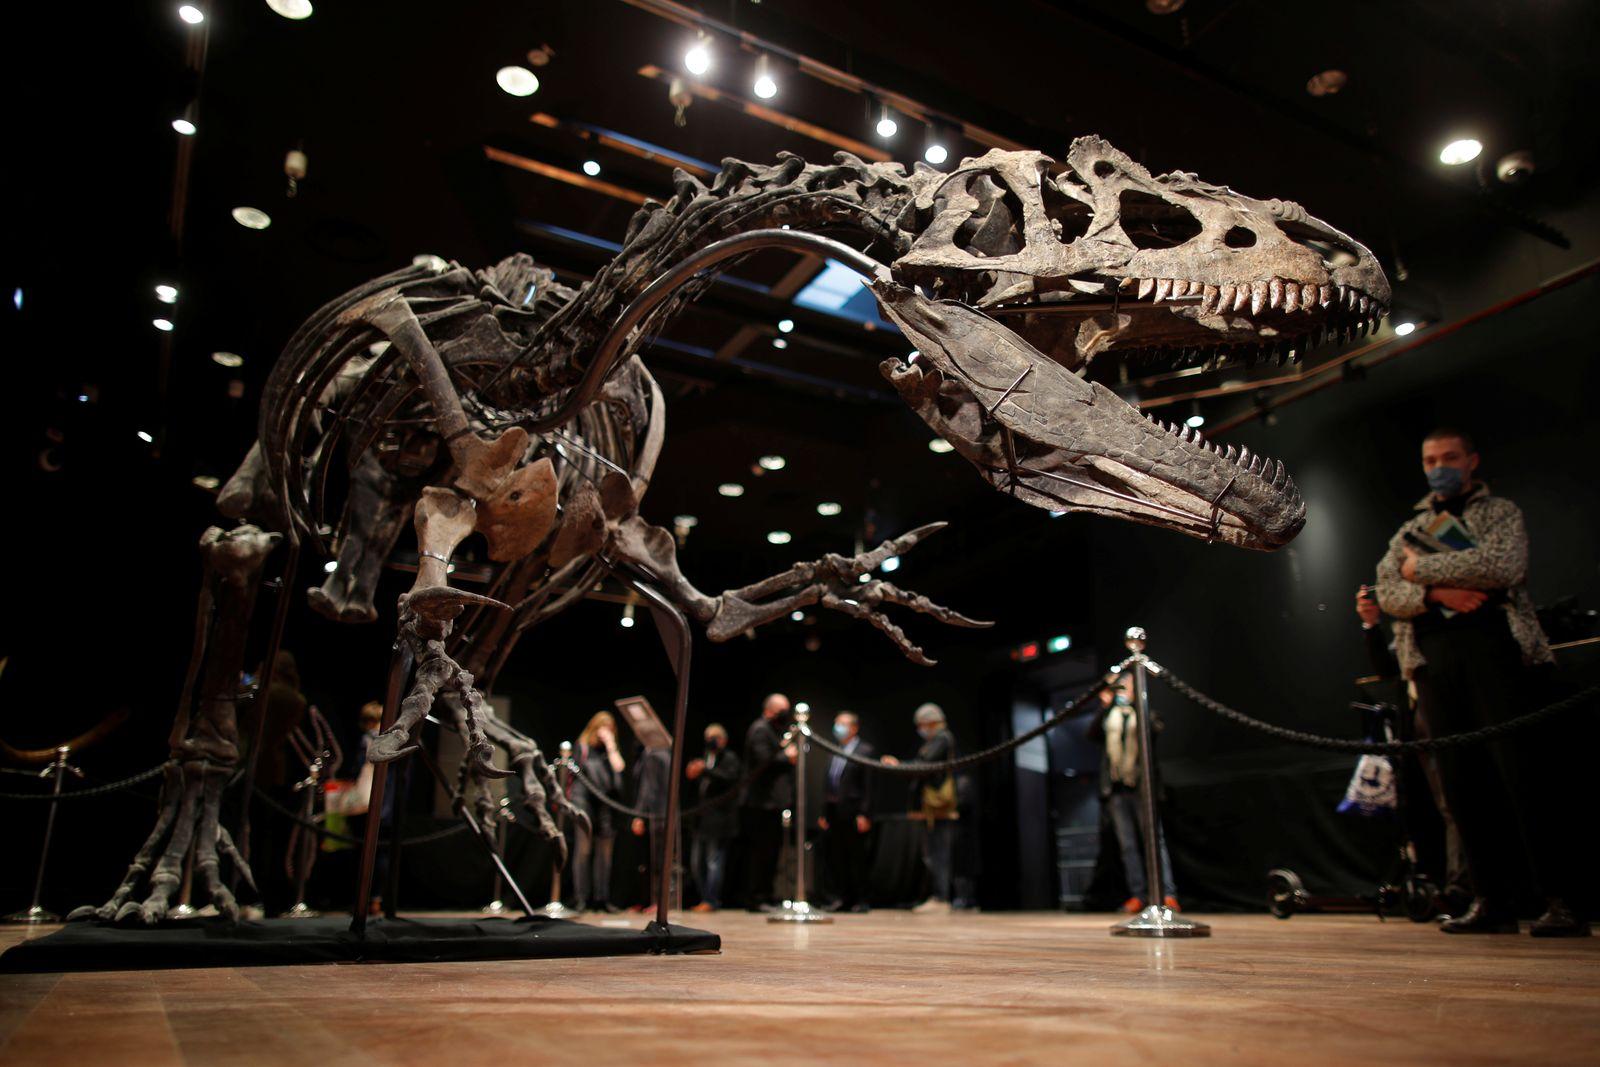 150 million-year old skeleton of an Allosaurus on auction